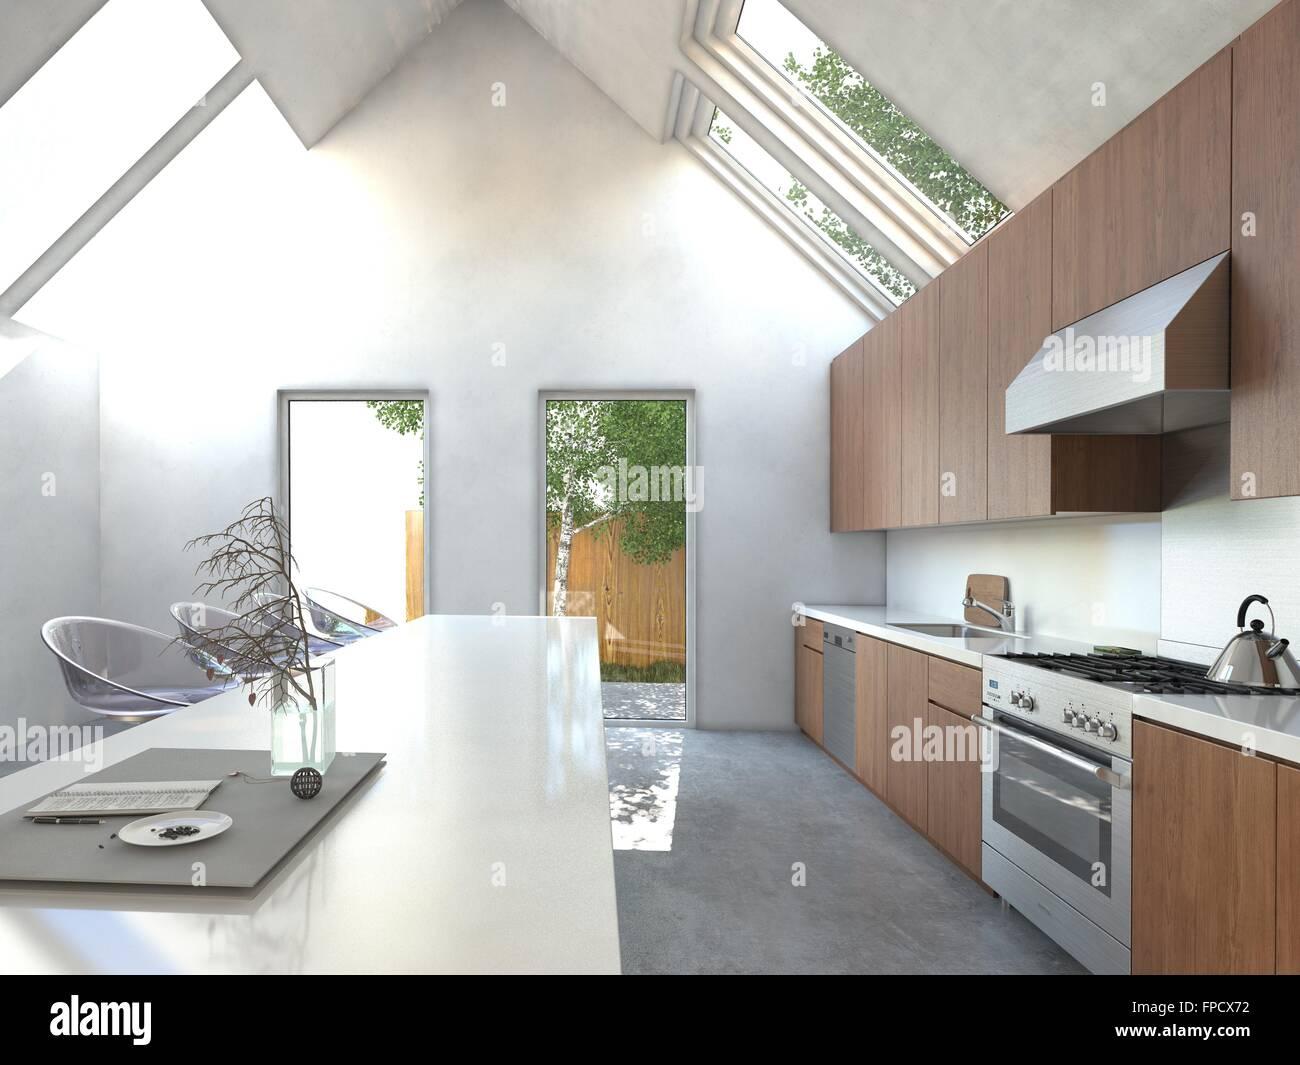 Tolle Bartheke Im Haus Bilder - Images for inspirierende Ideen für ...